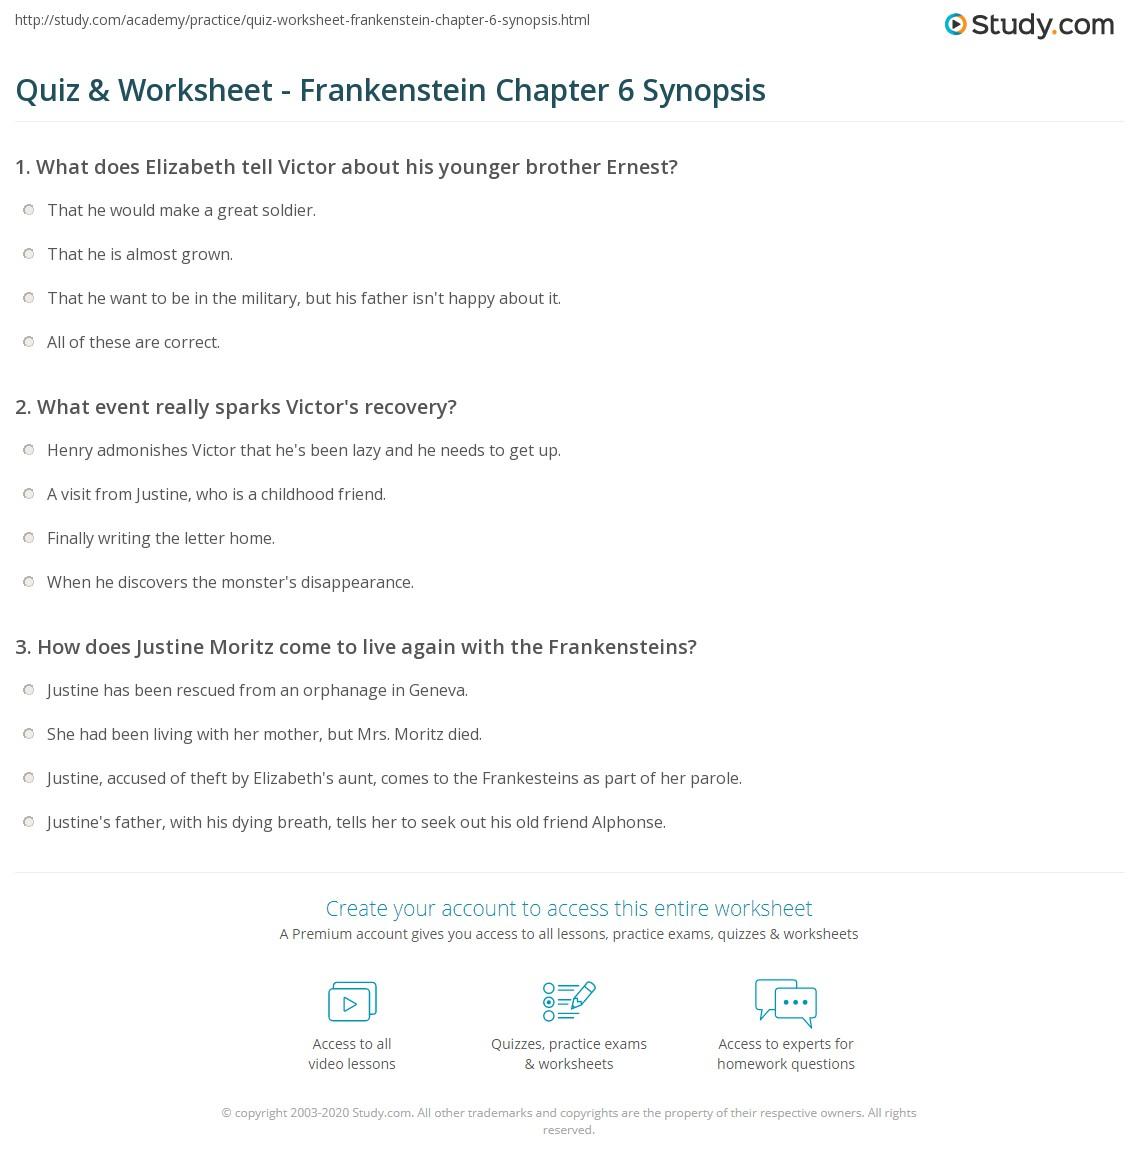 quiz worksheet frankenstein chapter 6 synopsis study com rh study com Frankenstein Reading Guide Questions Answers Frankenstein Summary